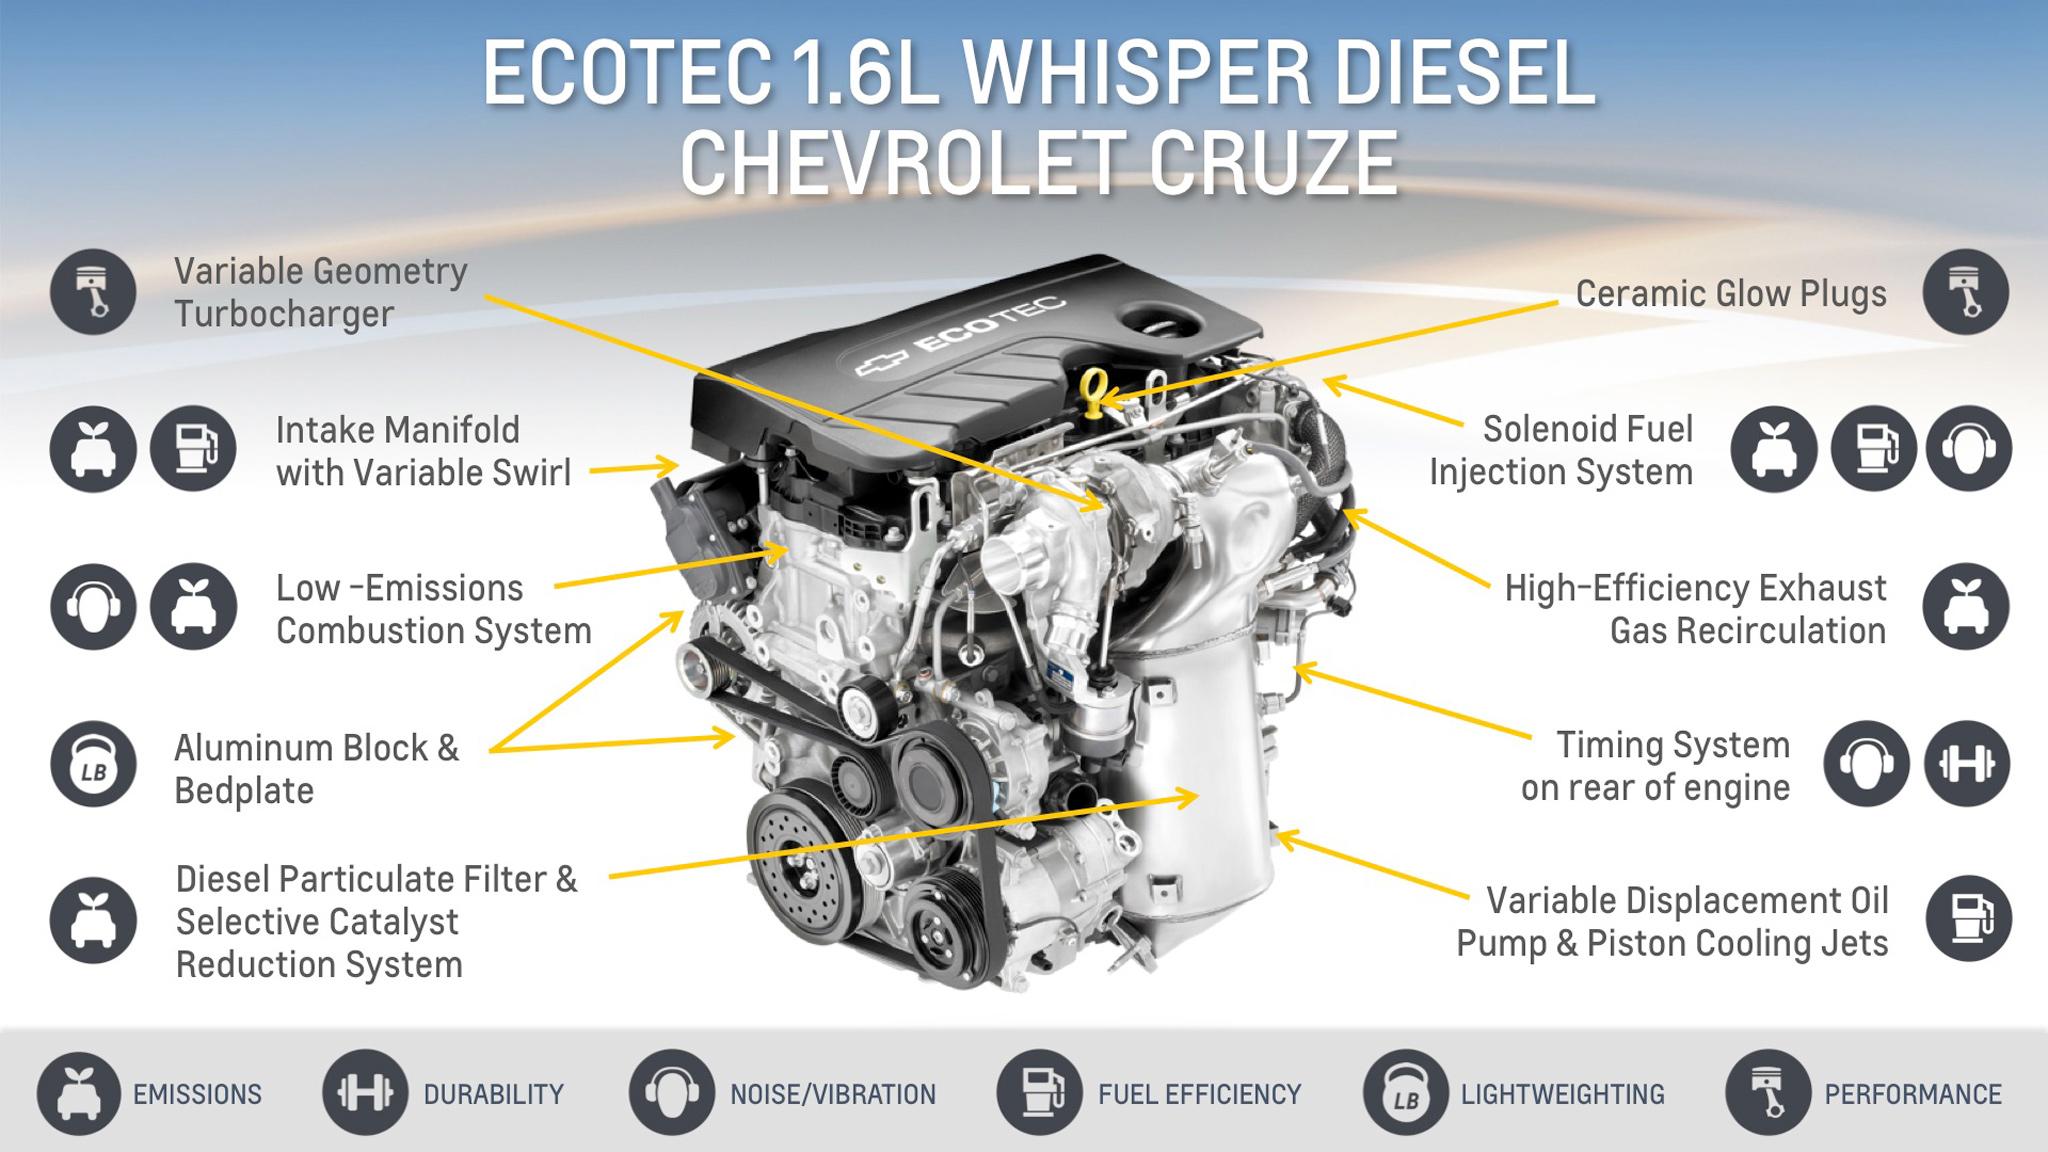 2012 Equinox Fuel Filter Gm 1 6 Liter I 4 Lh7 Diesel Engine Info Specs Wiki Gm